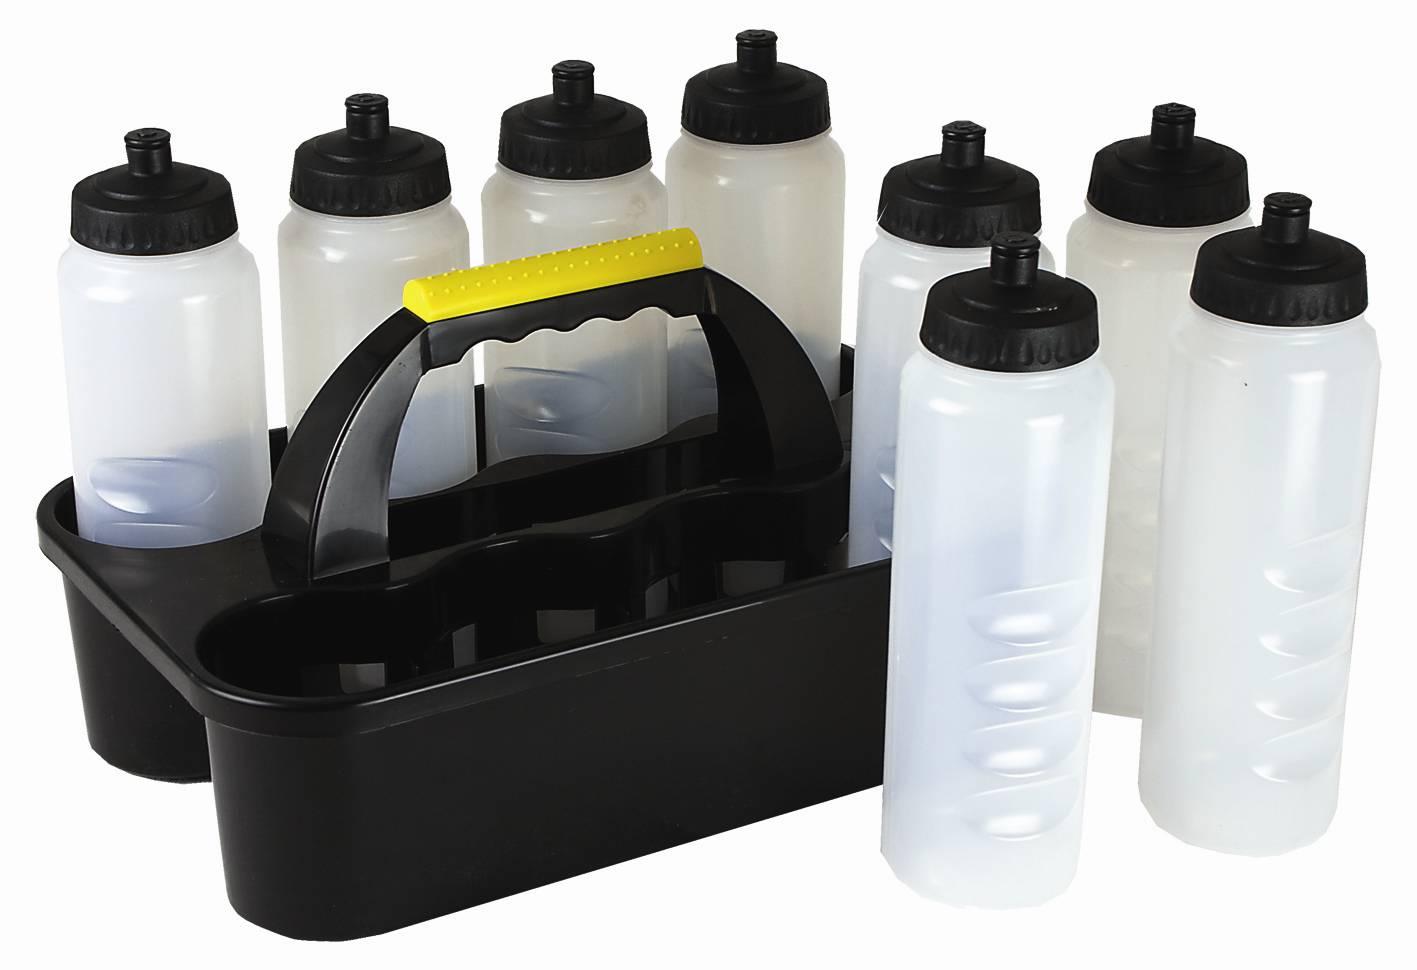 Plastic Sports Water Bottle Holder Football Team Drinks 8 ...